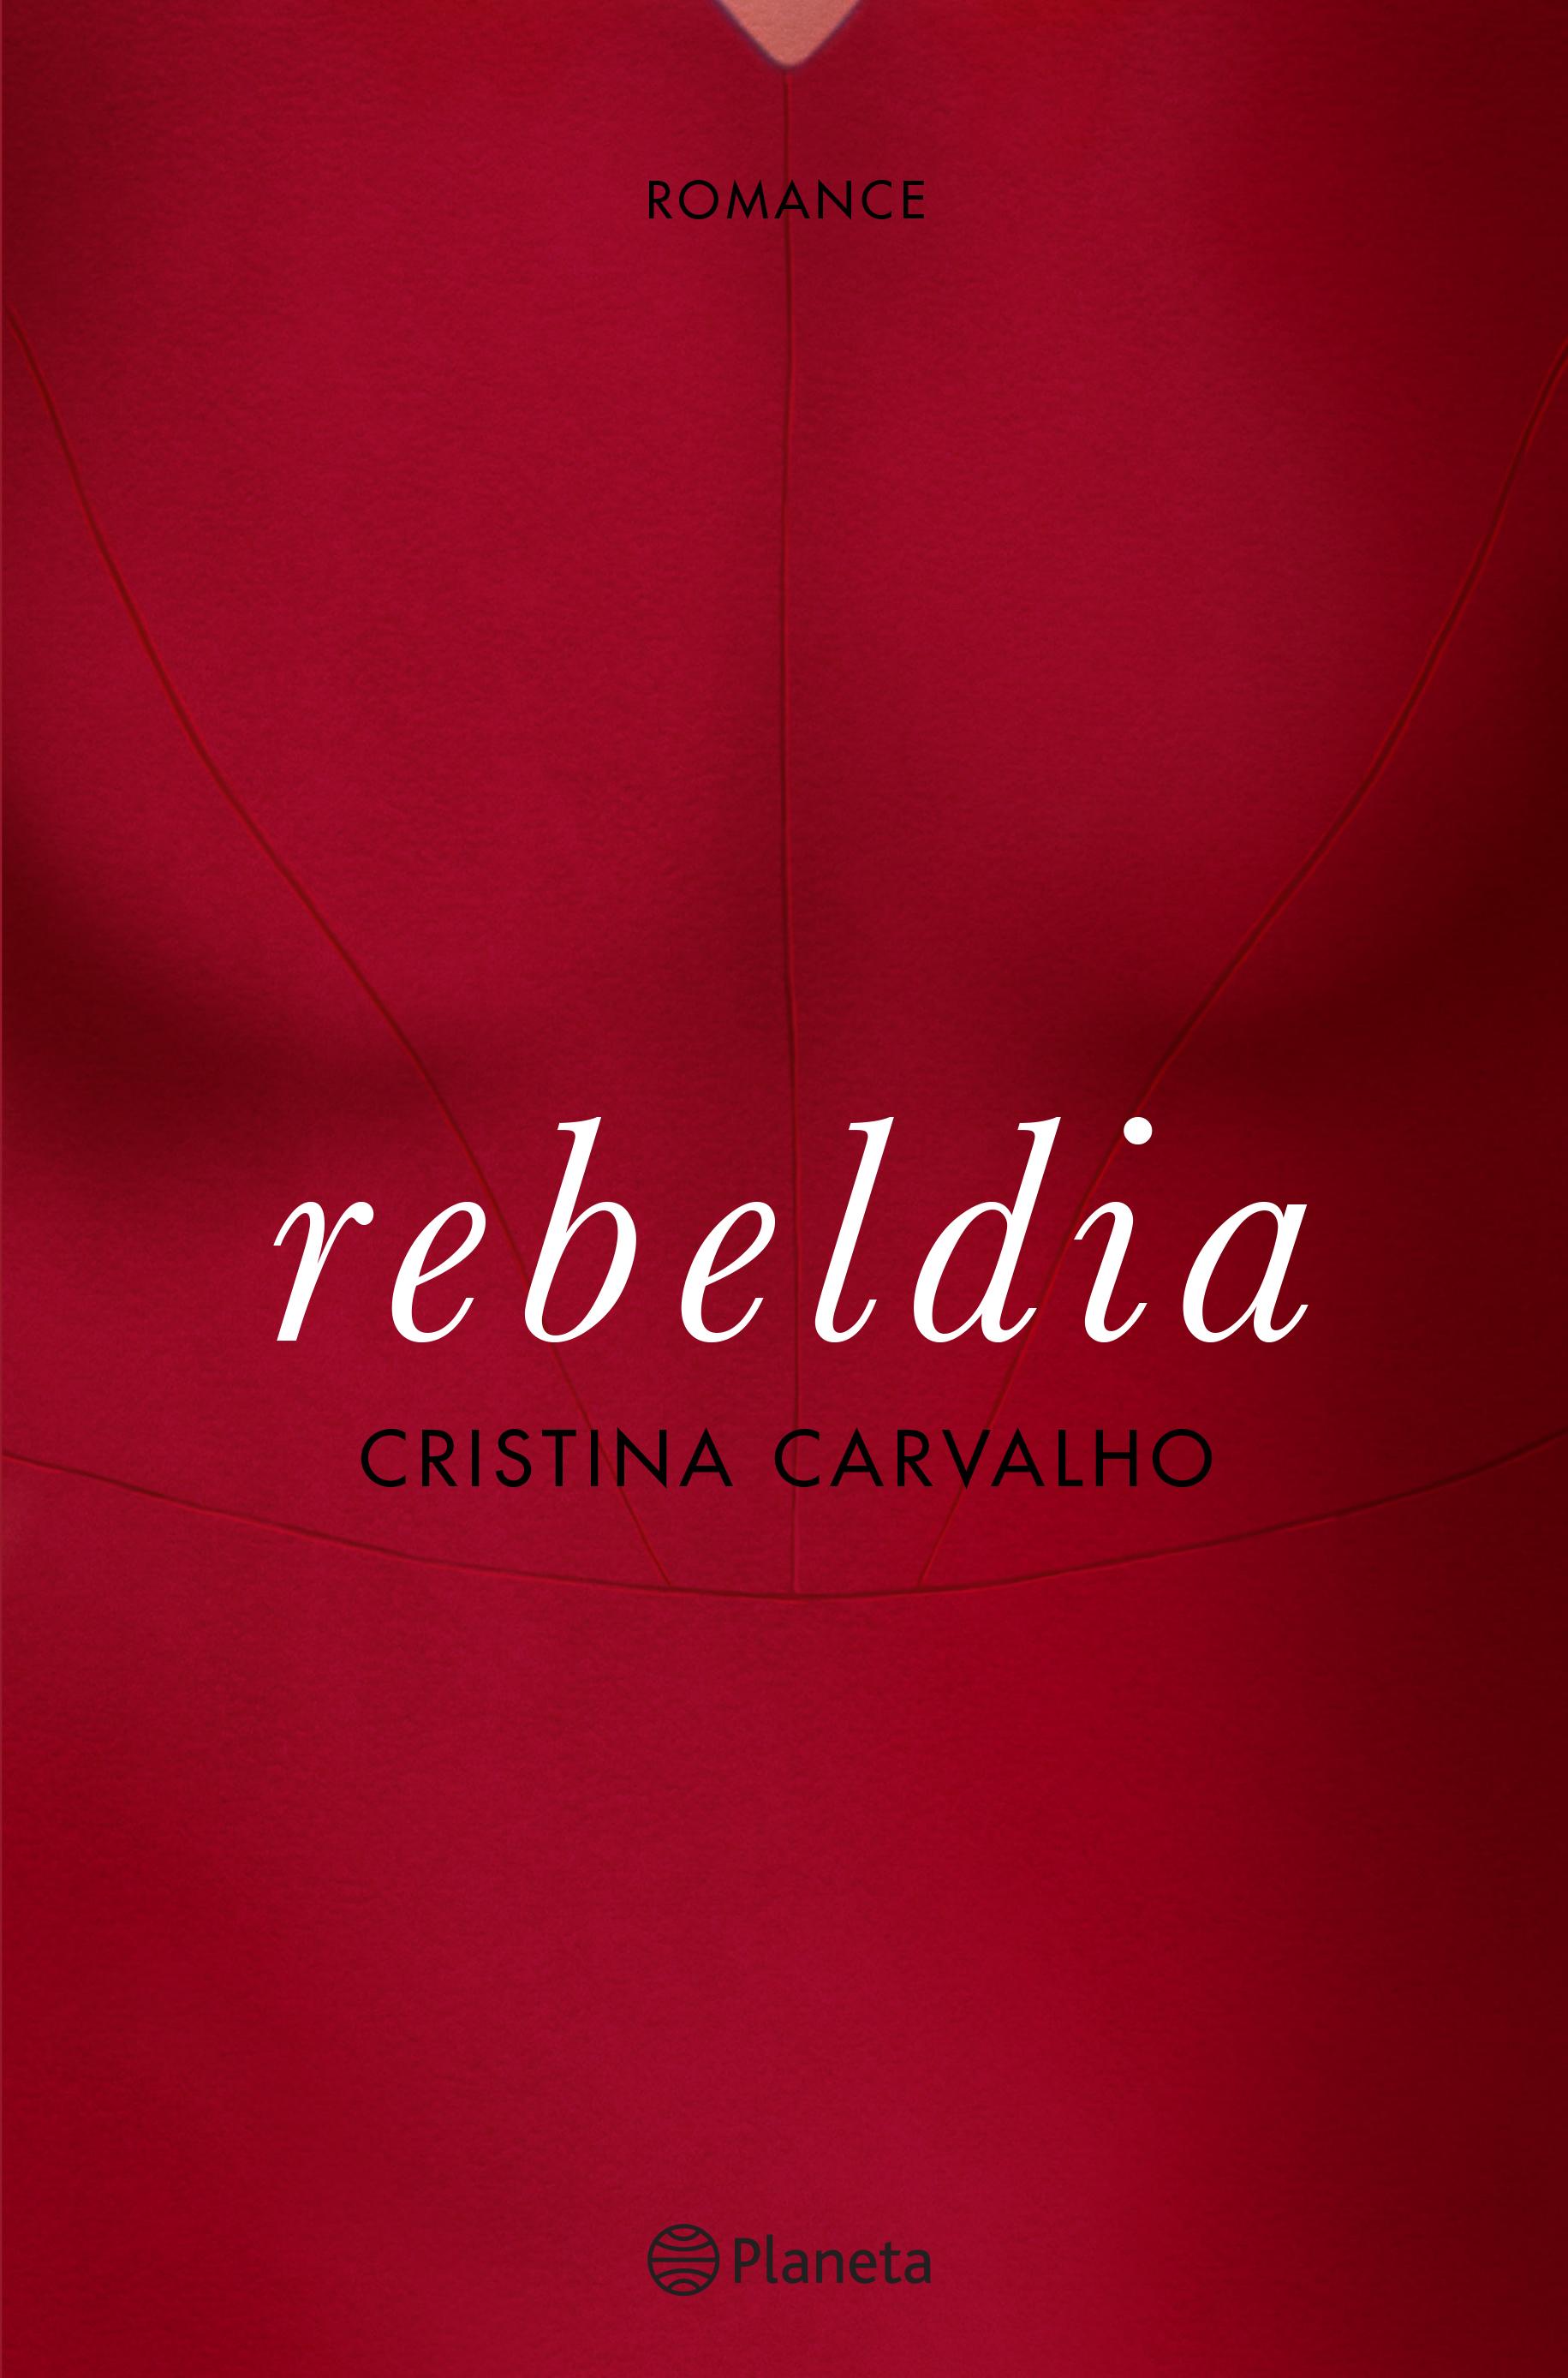 rebeldia_cc